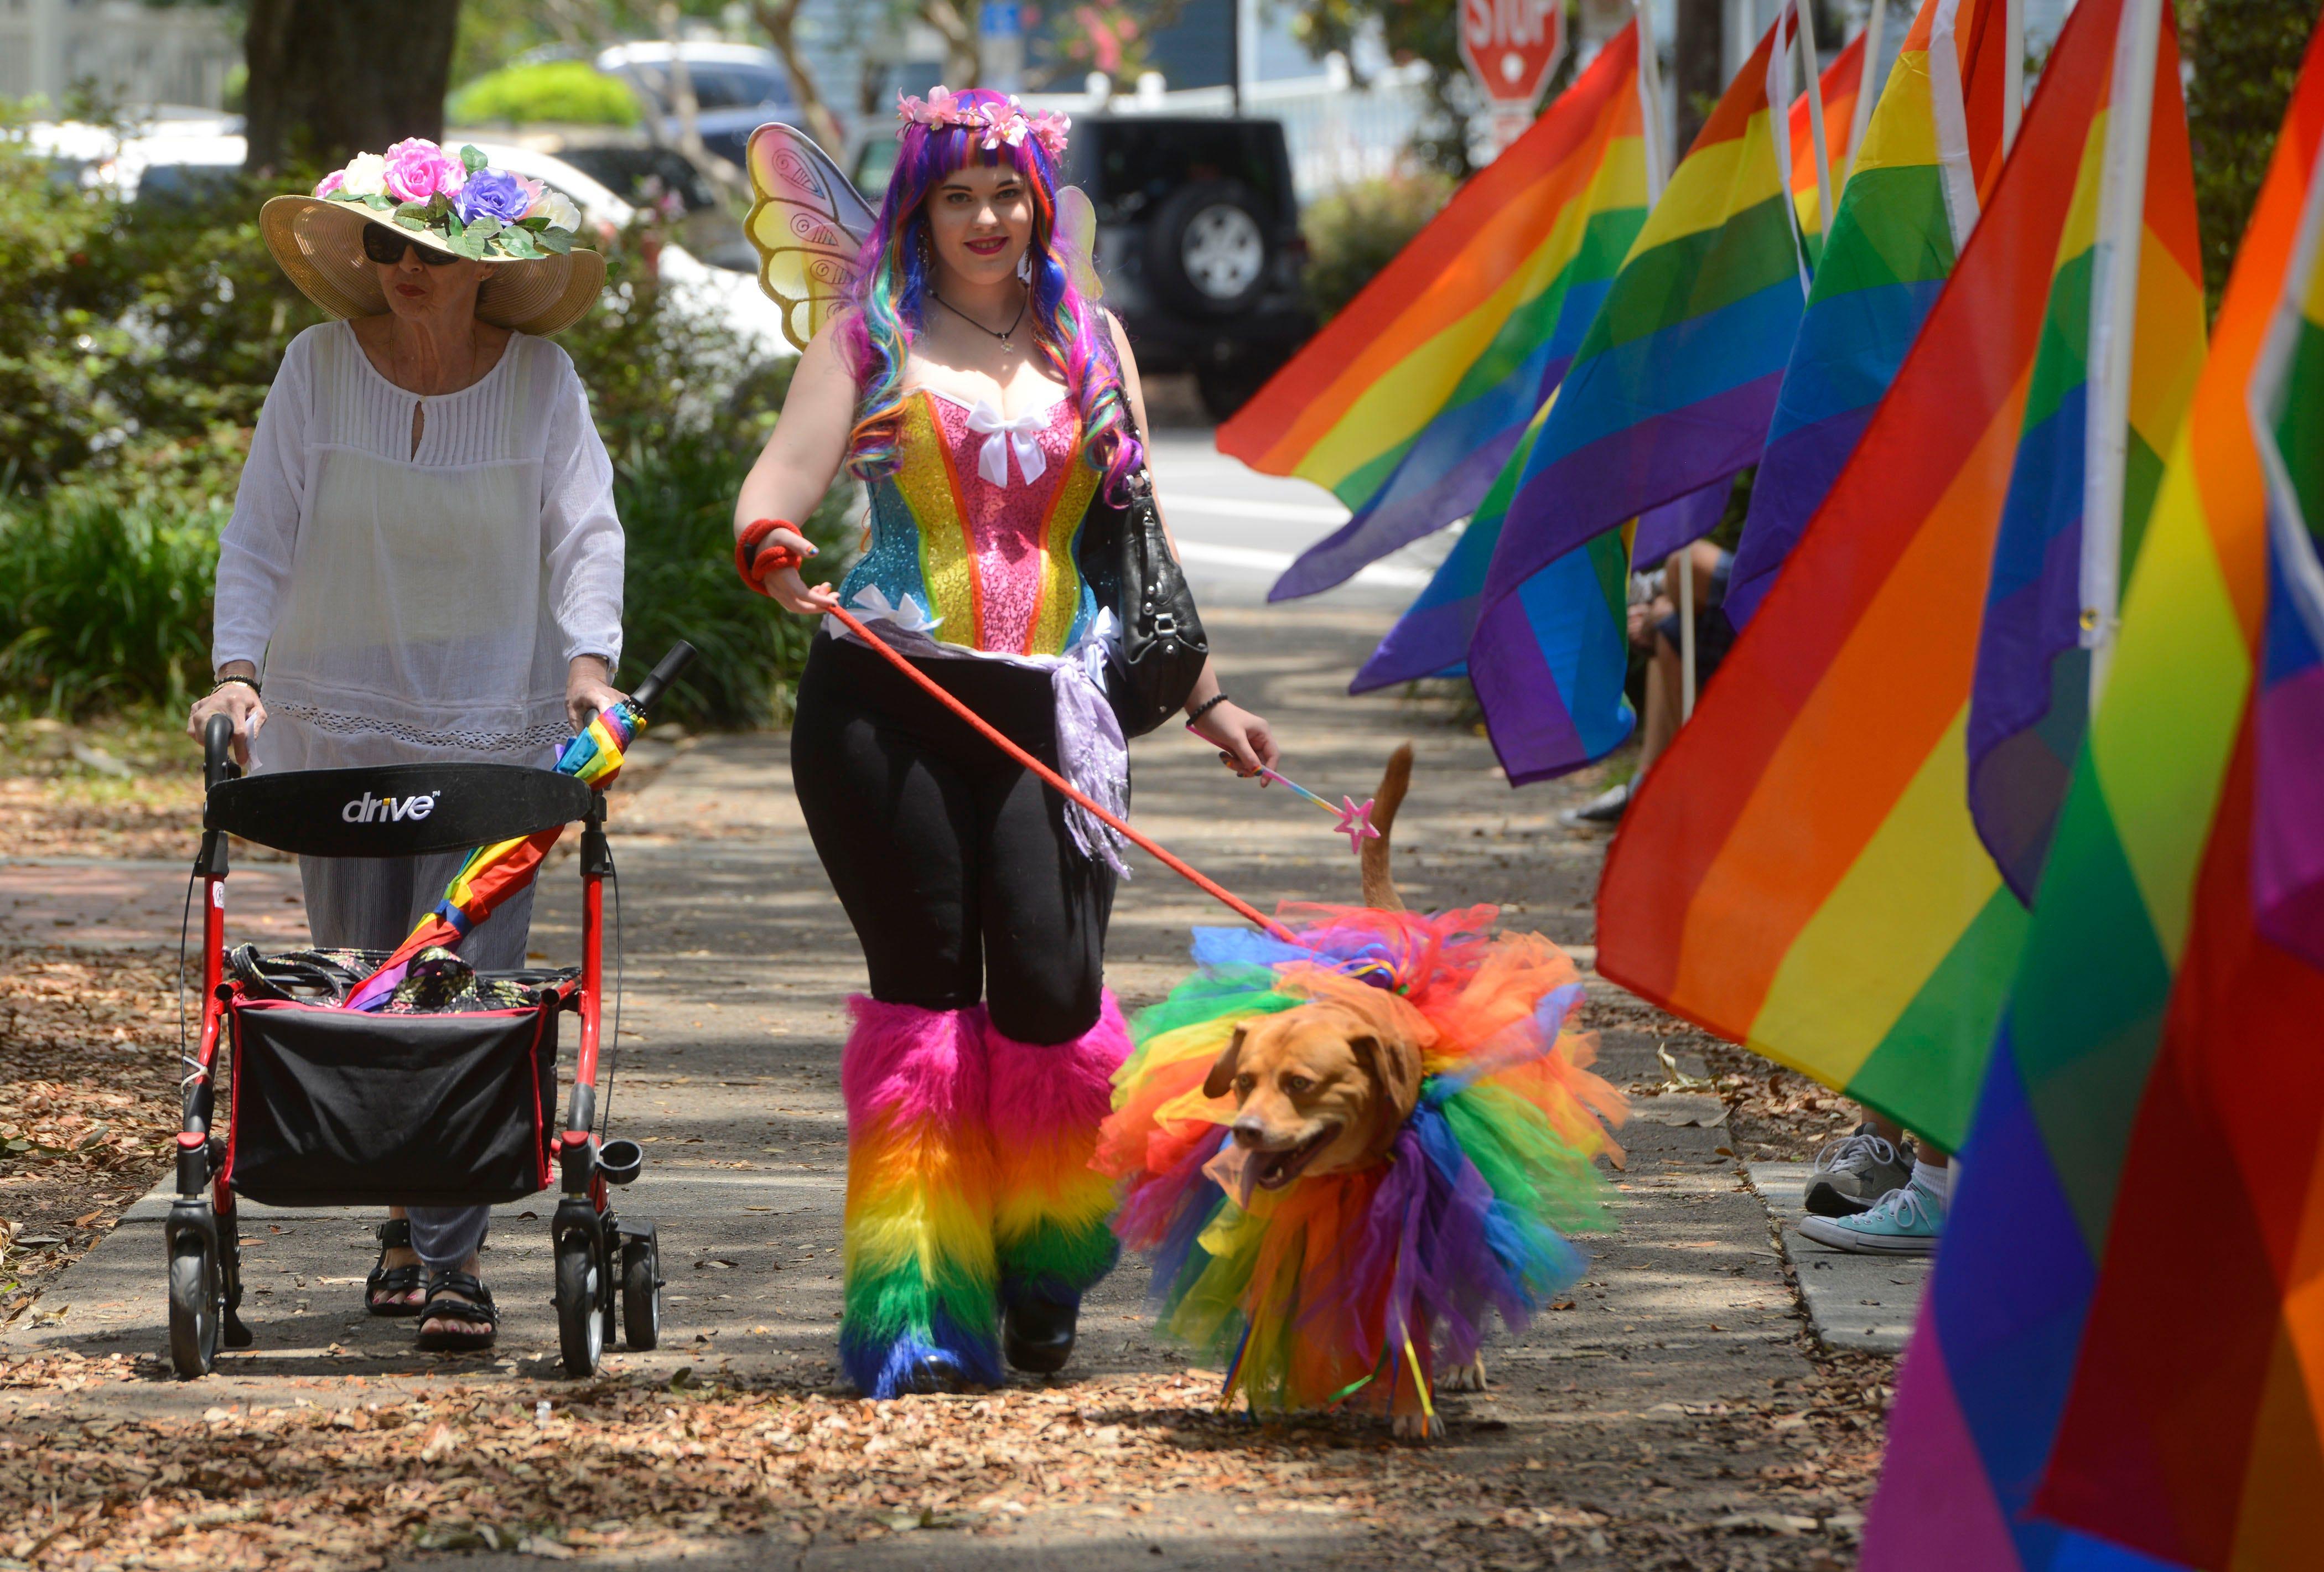 Pensacola gay lesbian center